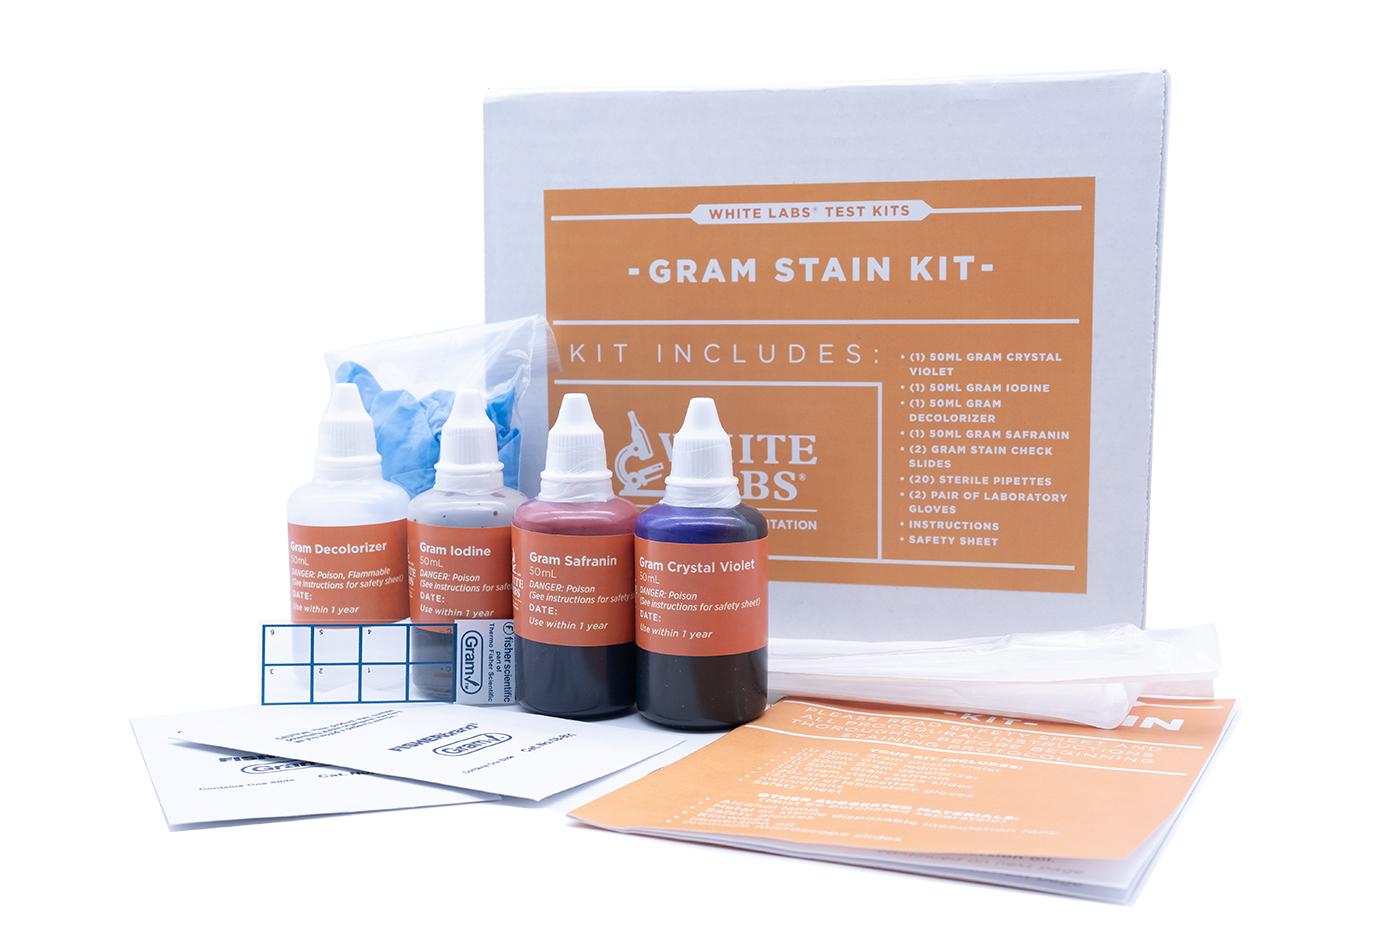 Gram Stain Kit